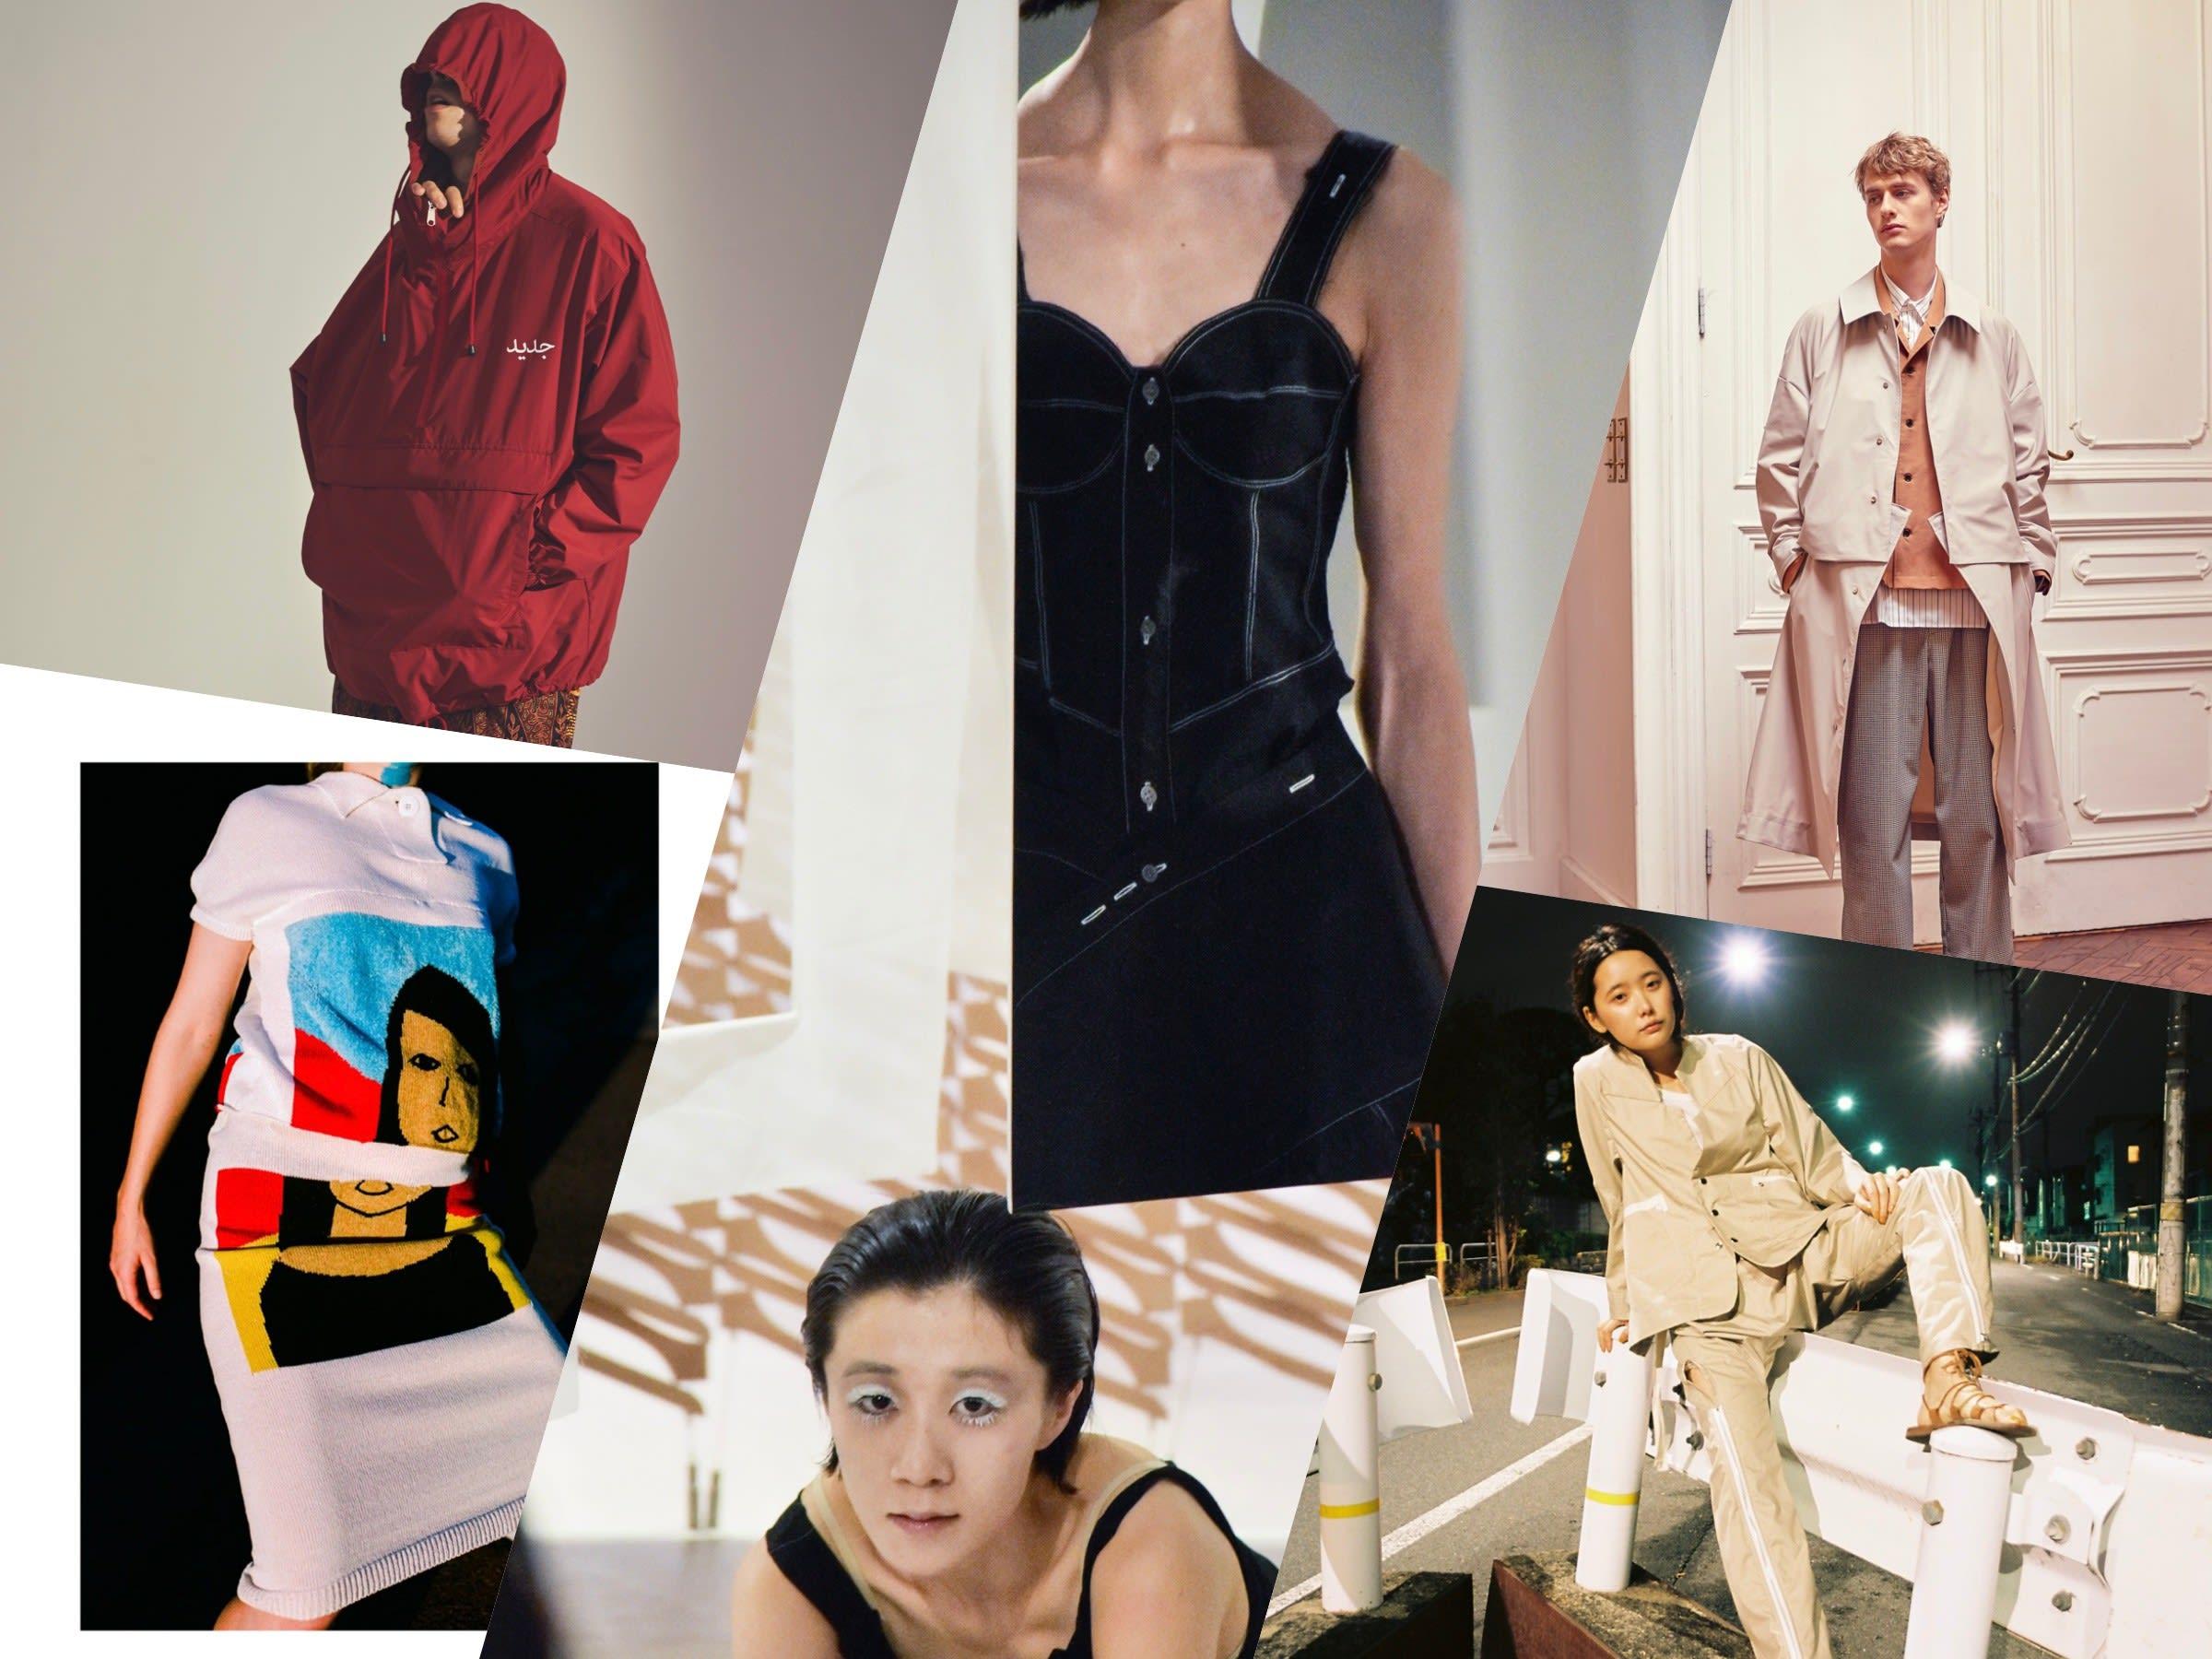 6818affd16537 若手ファッションデザイナーのホープをフィーチャーする企画「若手ブランドベスト9」を3年ぶりに公開。今年活躍が期待される日本人デザイナーの9ブランドを  ...